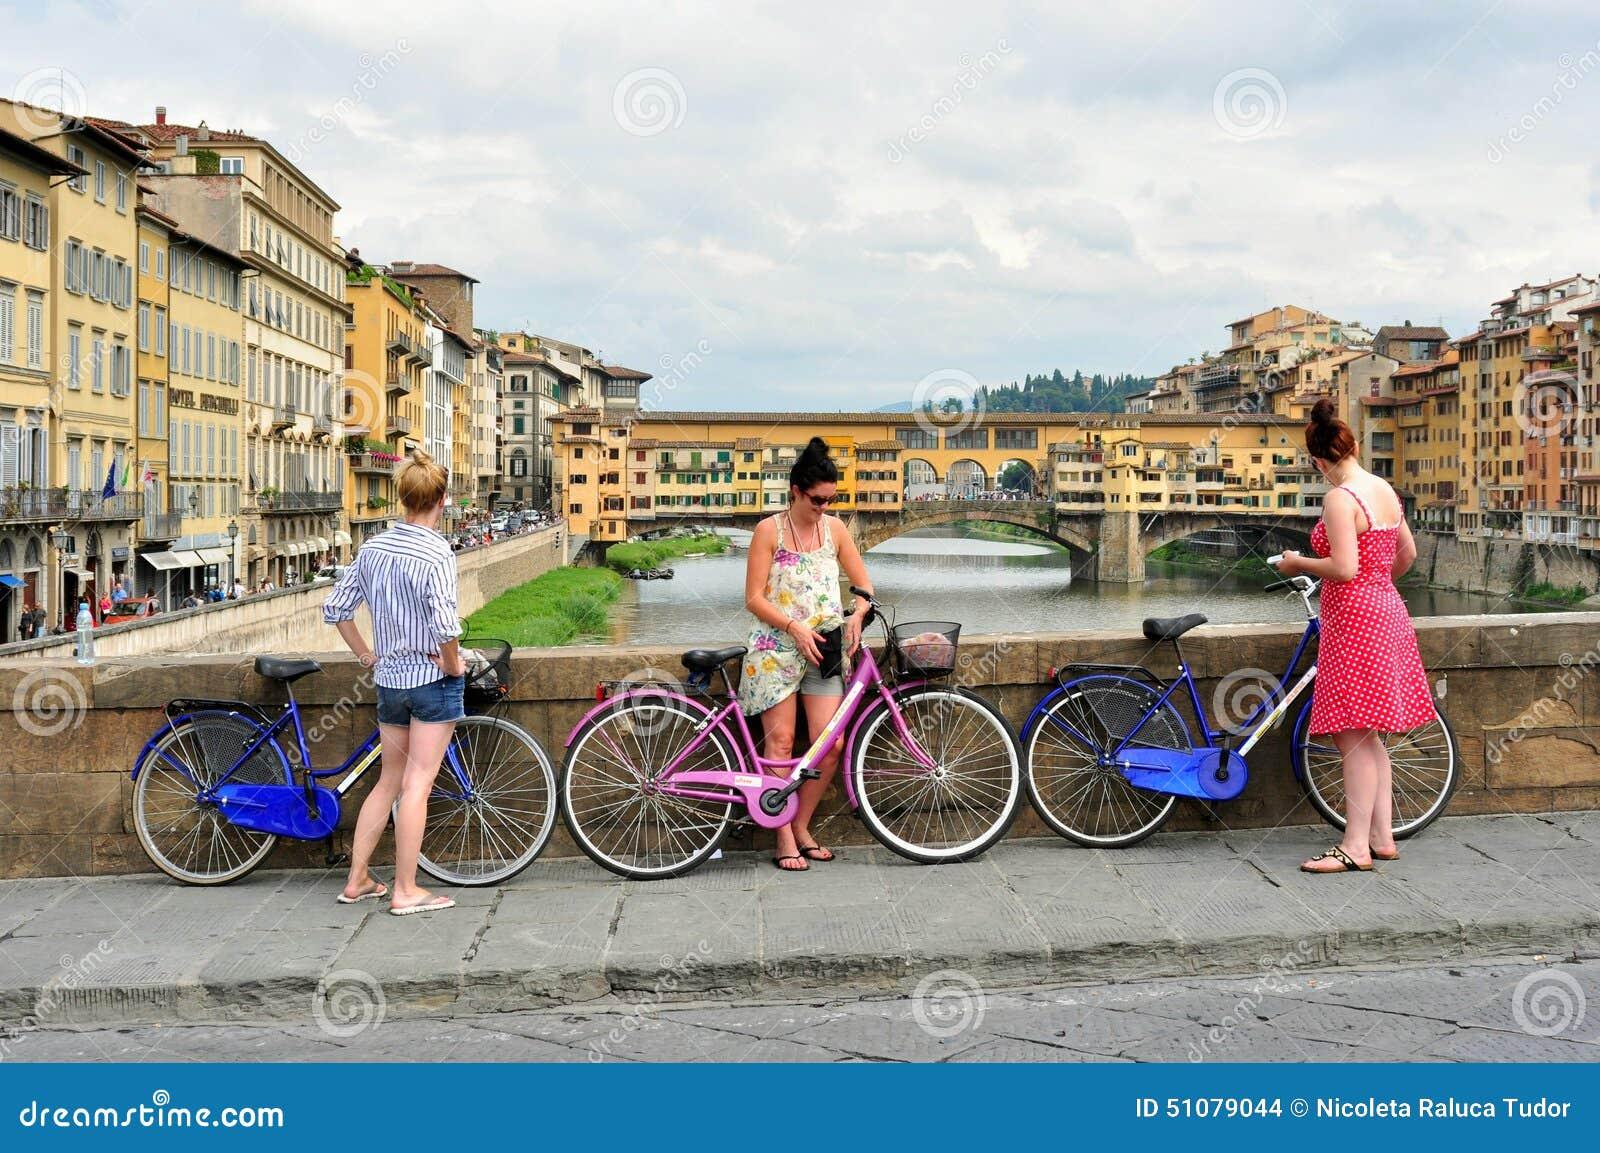 Touristes sur des vélos sur les rues de la ville de Florence, Italie